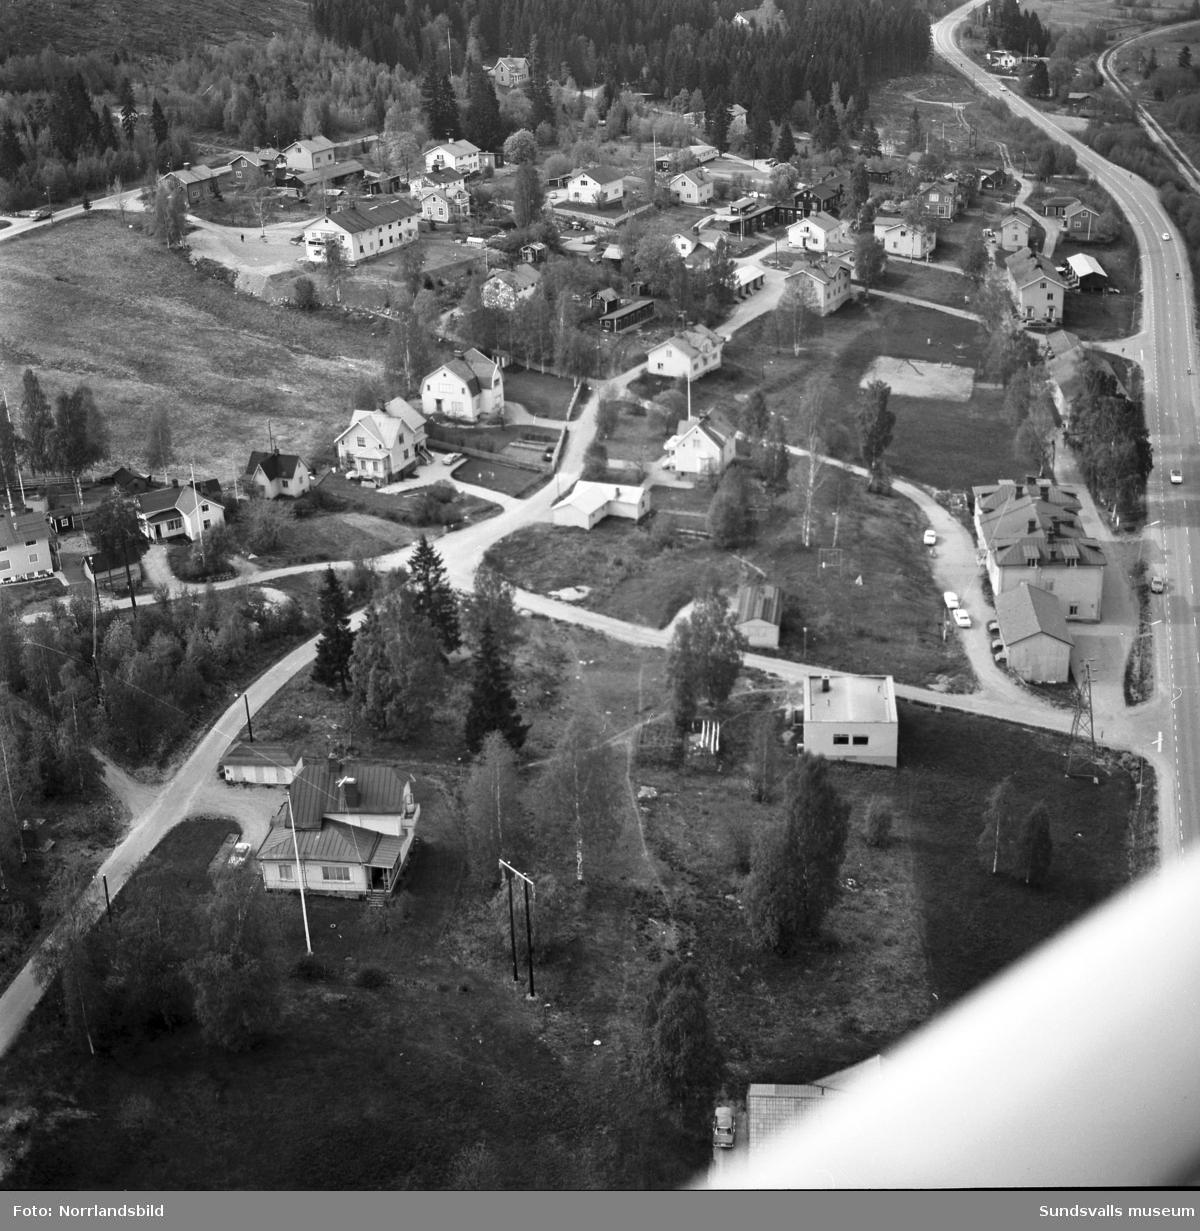 Flygfoton över norra delen av Tunadal. Ett par av bilderna fokuserar på de två villorna vid Kulvägen 11 och 13 där man tydligt kan se två barn vinka till flygplanet från en av gräsmattorna.